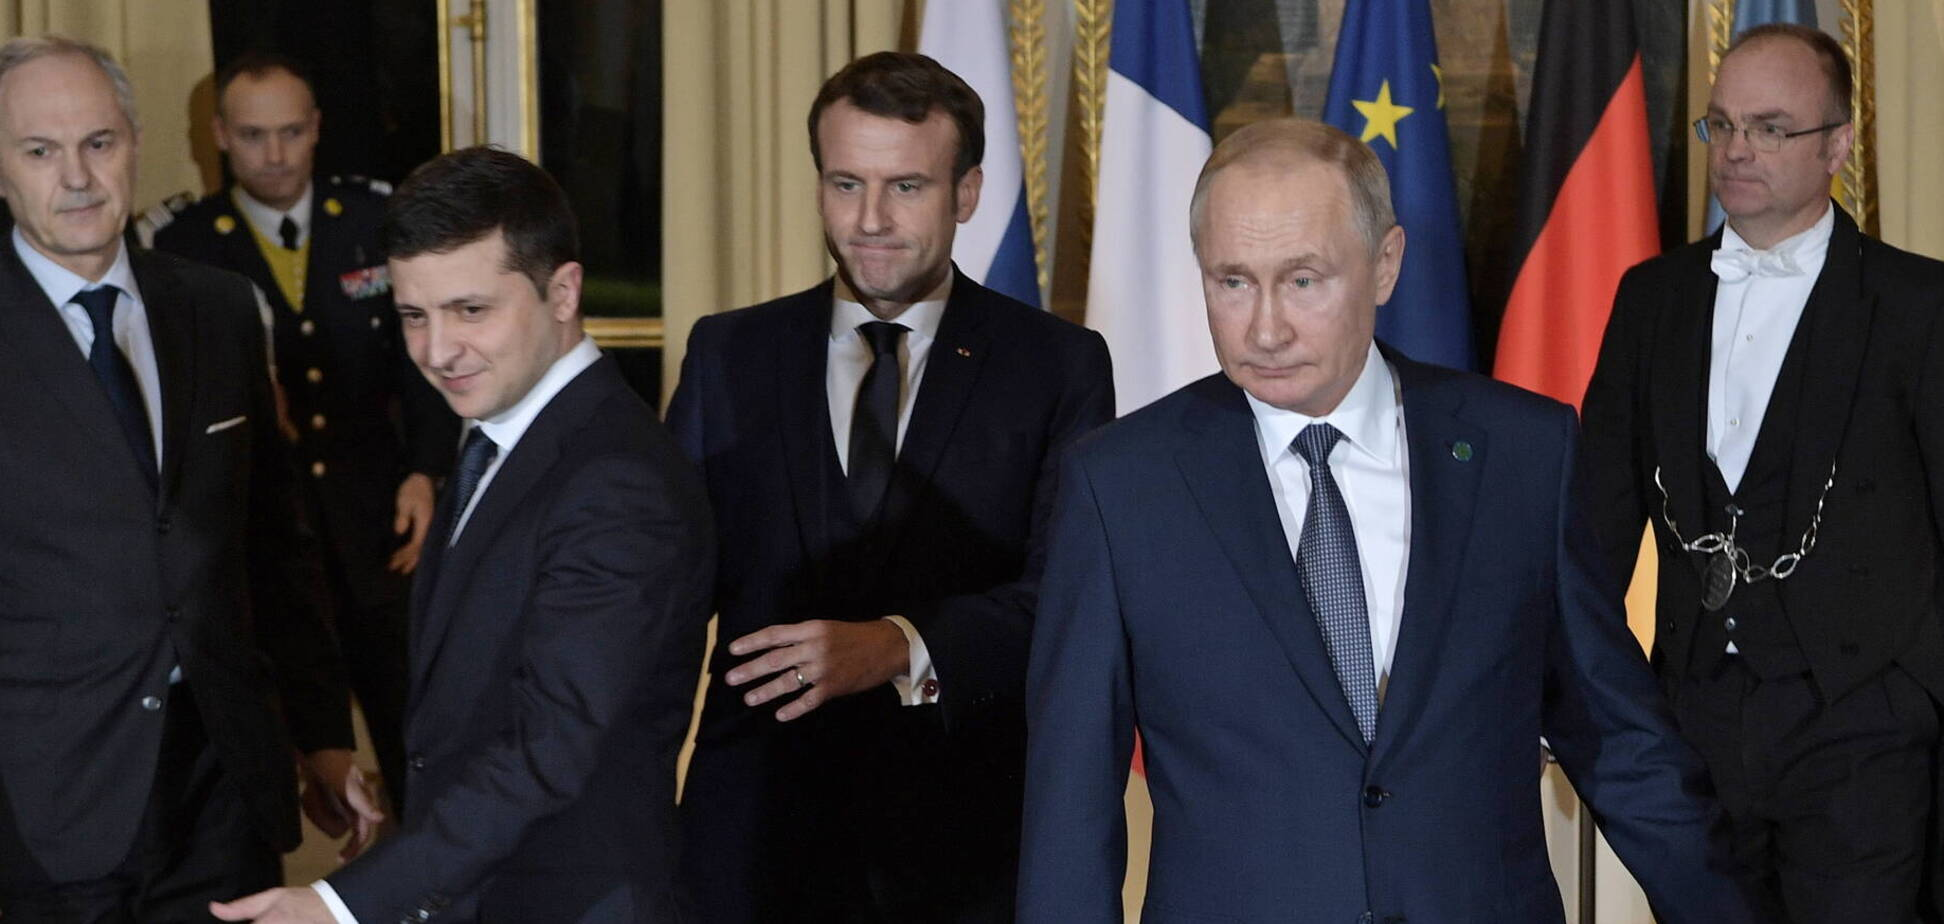 Зеленський не називає Путіна агресором заради звільнення українців, – Гримчак